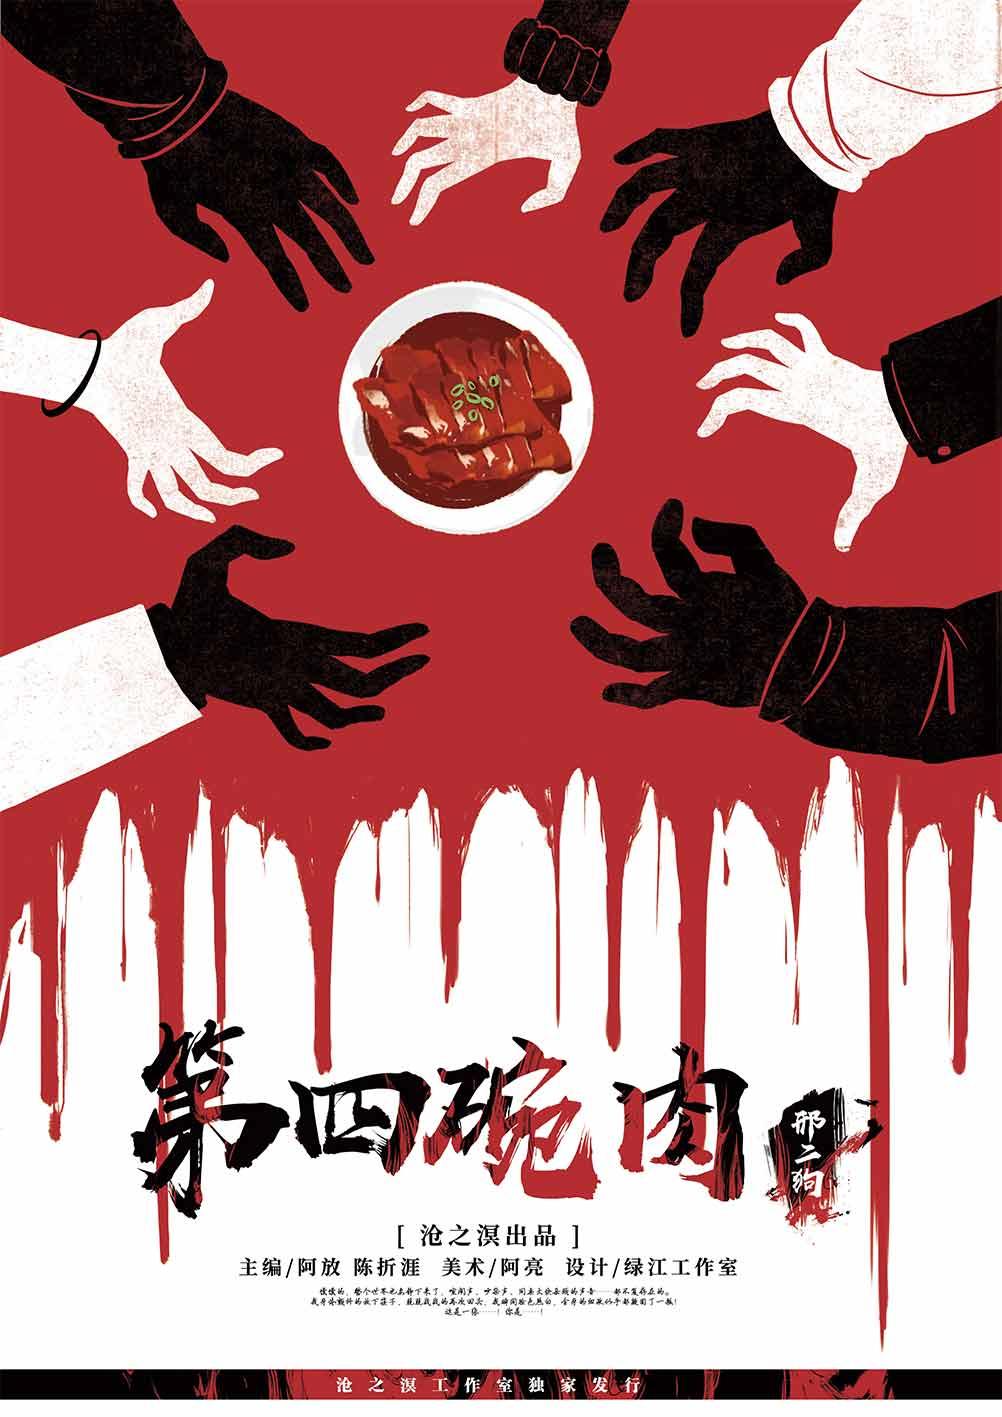 『第四碗肉』剧本杀复盘/答案揭秘/案件解析/故事结局真相